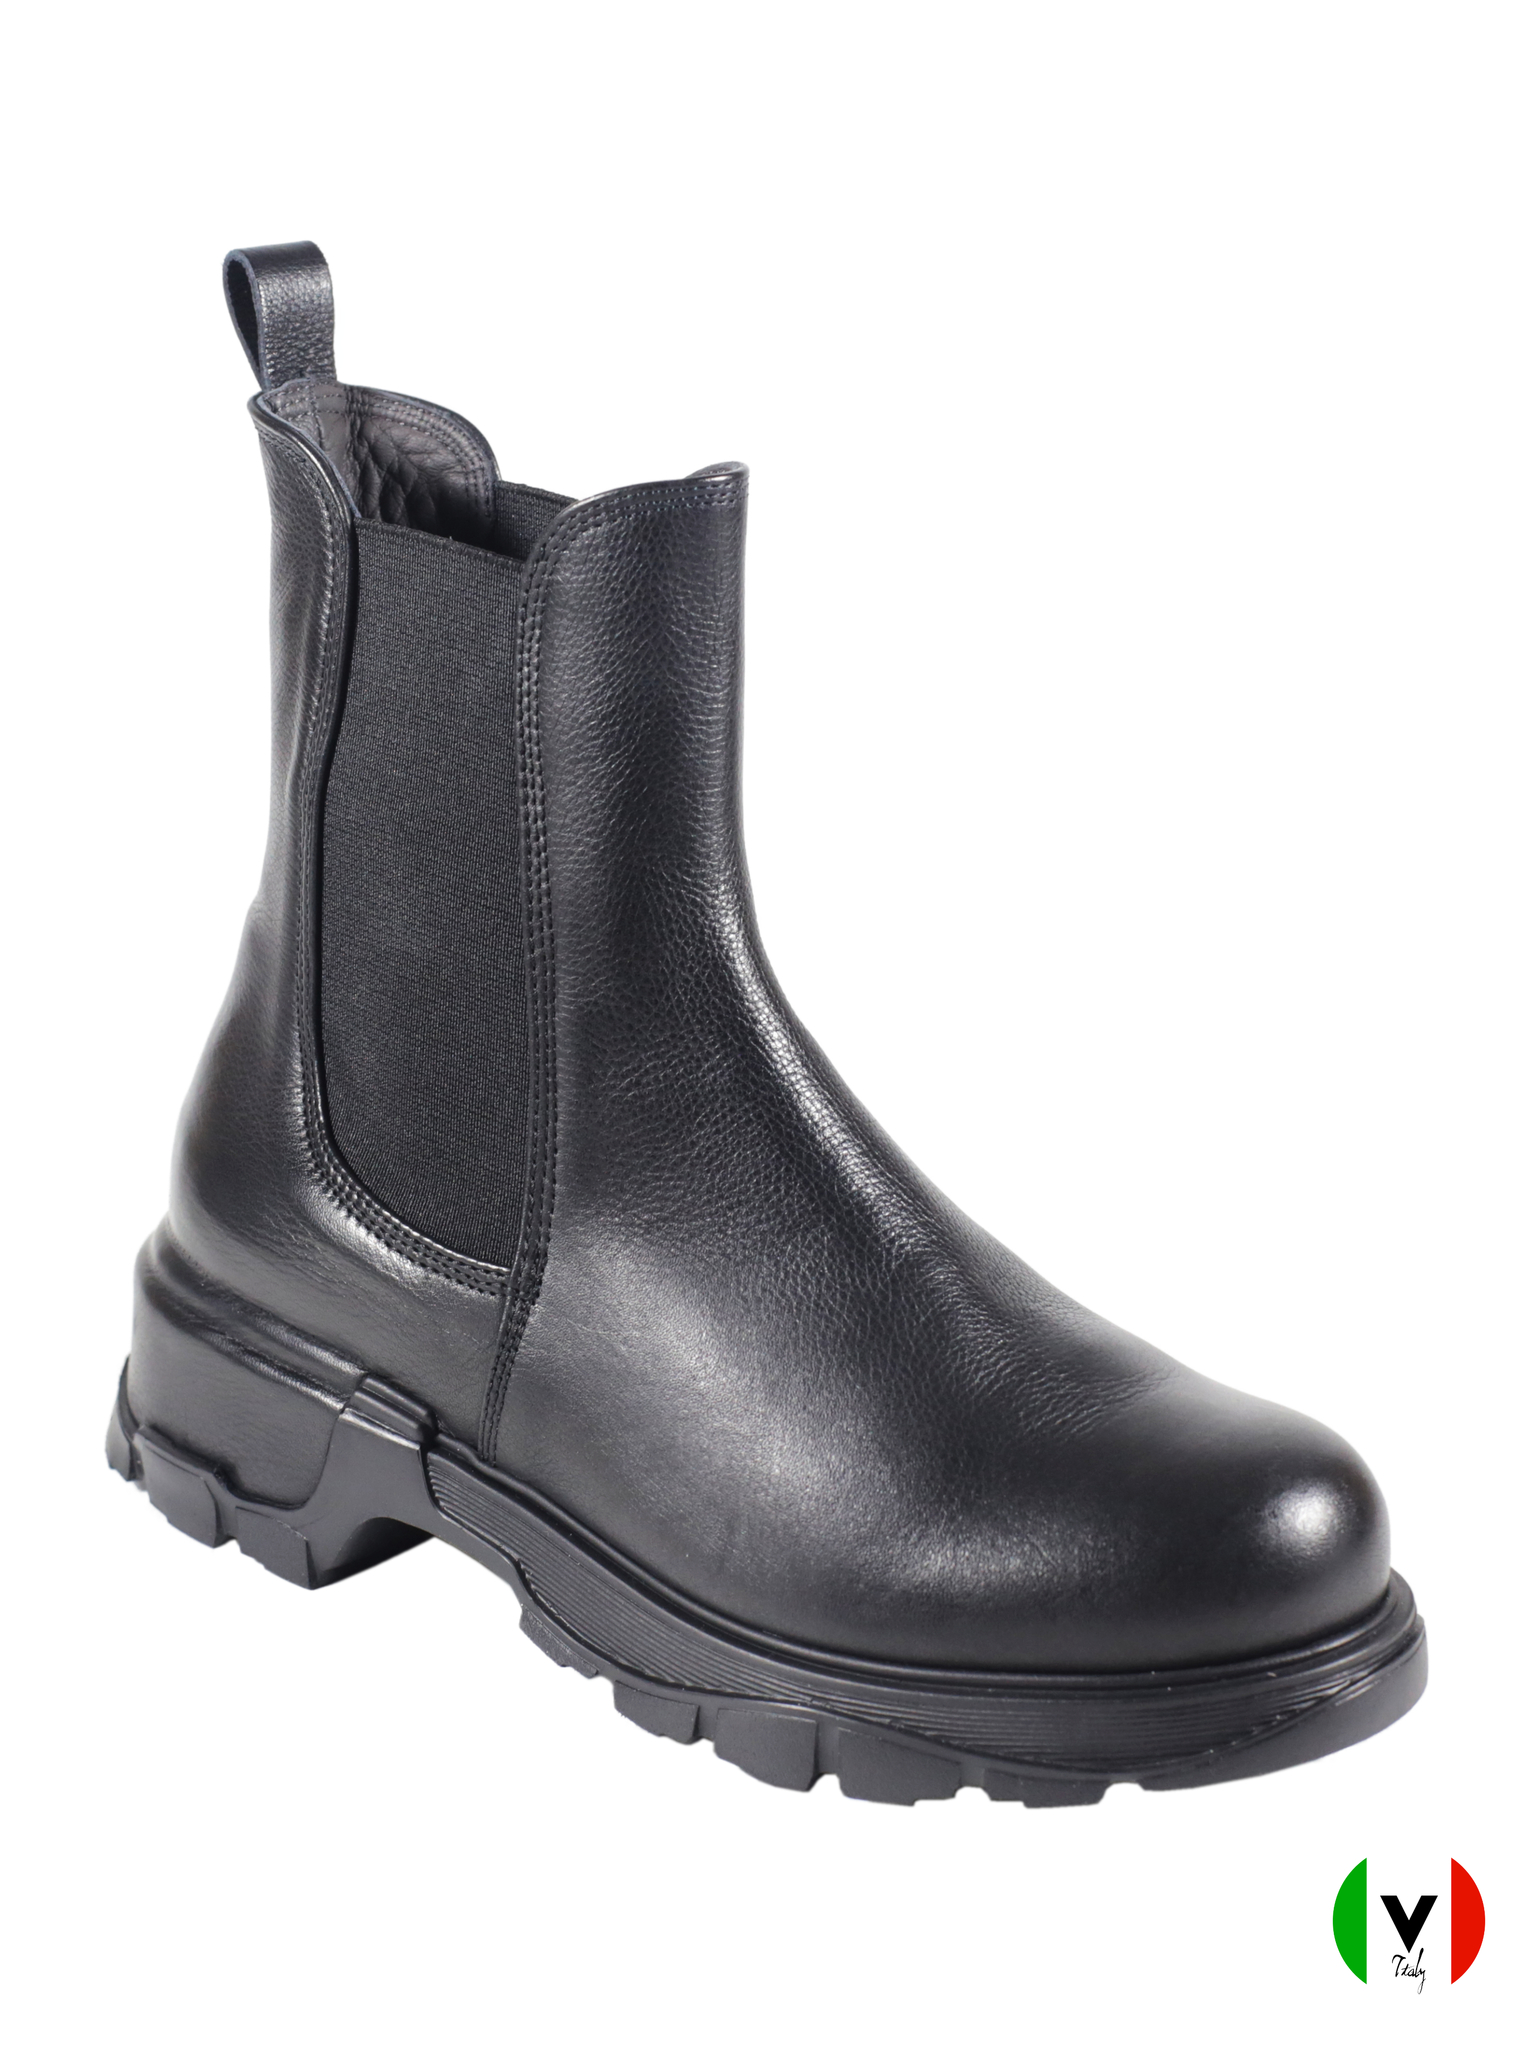 Осенние ботинки Fru.it с резиновыми вставками 5963, артикул 5963, цвет чёрный, материал кожа, цена 16 500 руб., veroitaly.ru